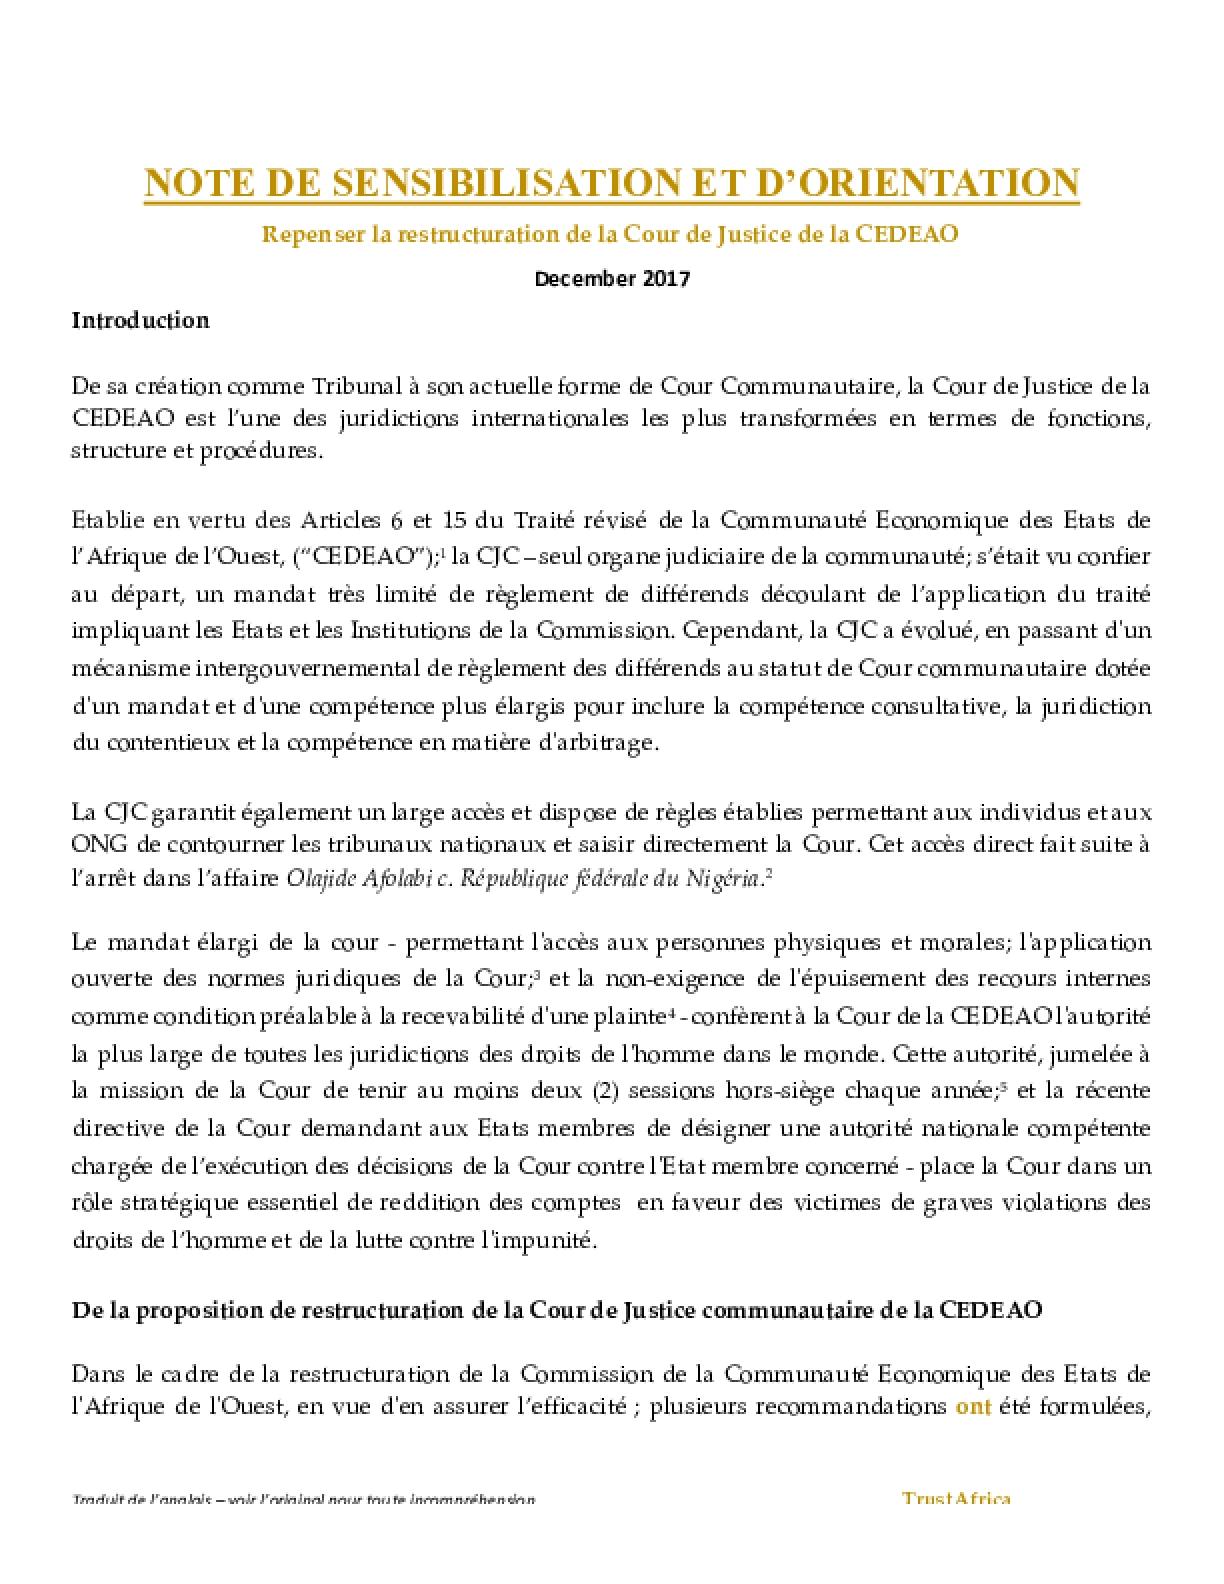 Repenser la Restructuration de la Cour de Justice de la CEDEAO